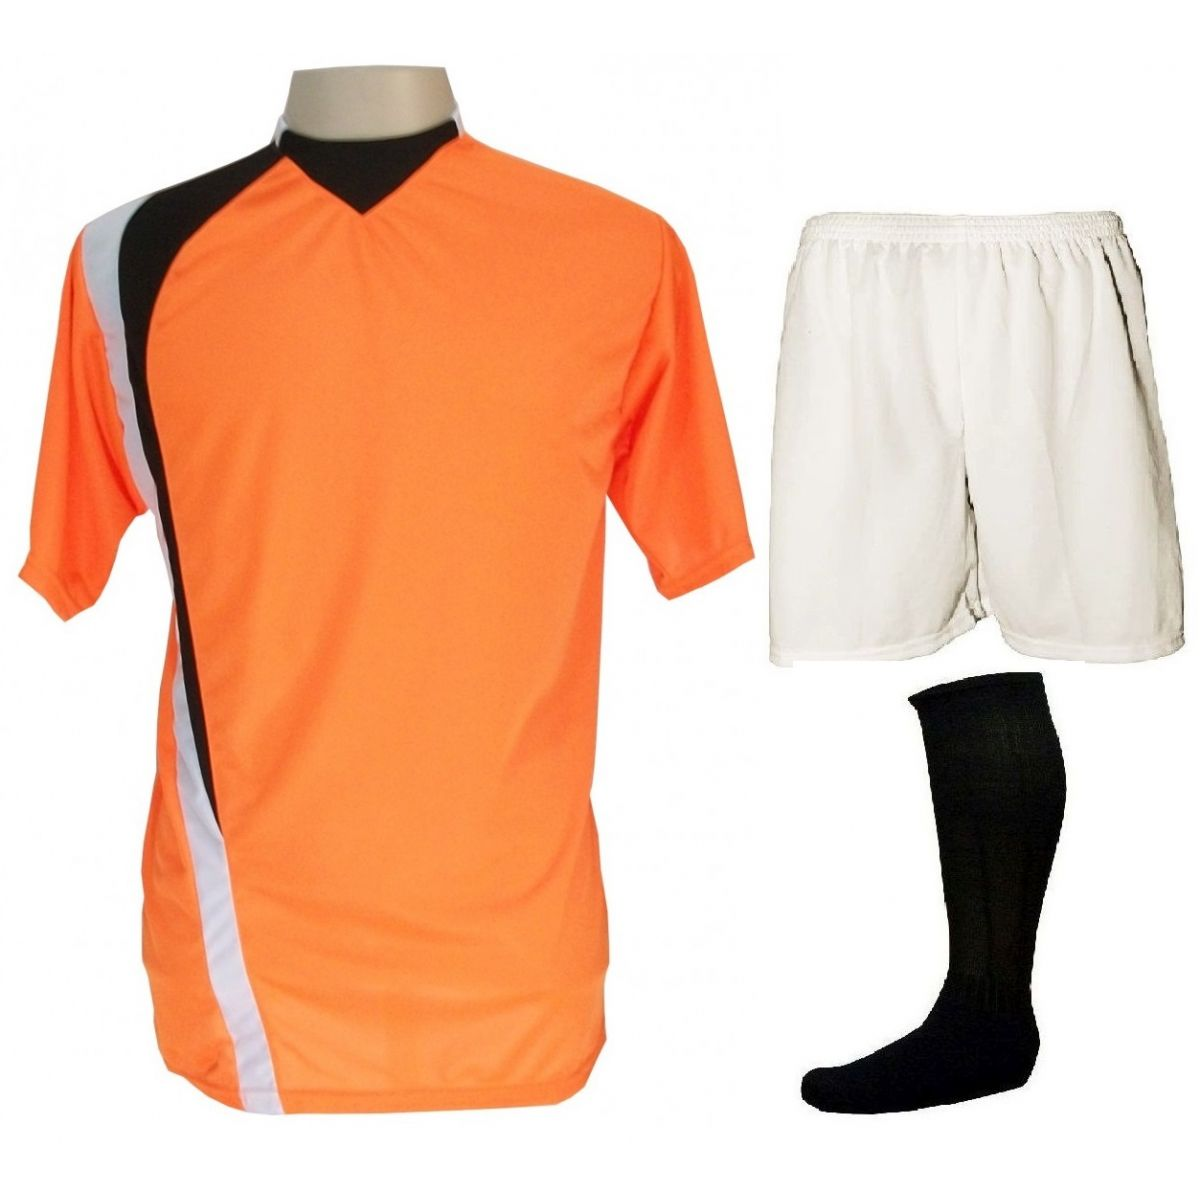 Uniforme Esportivo Completo modelo PSG 14+1 (14 camisas Laranja/Preto/Branco + 14 calções Madrid Branco+ 14 pares de meiões Pretos + 1 conjunto de goleiro) + Brindes